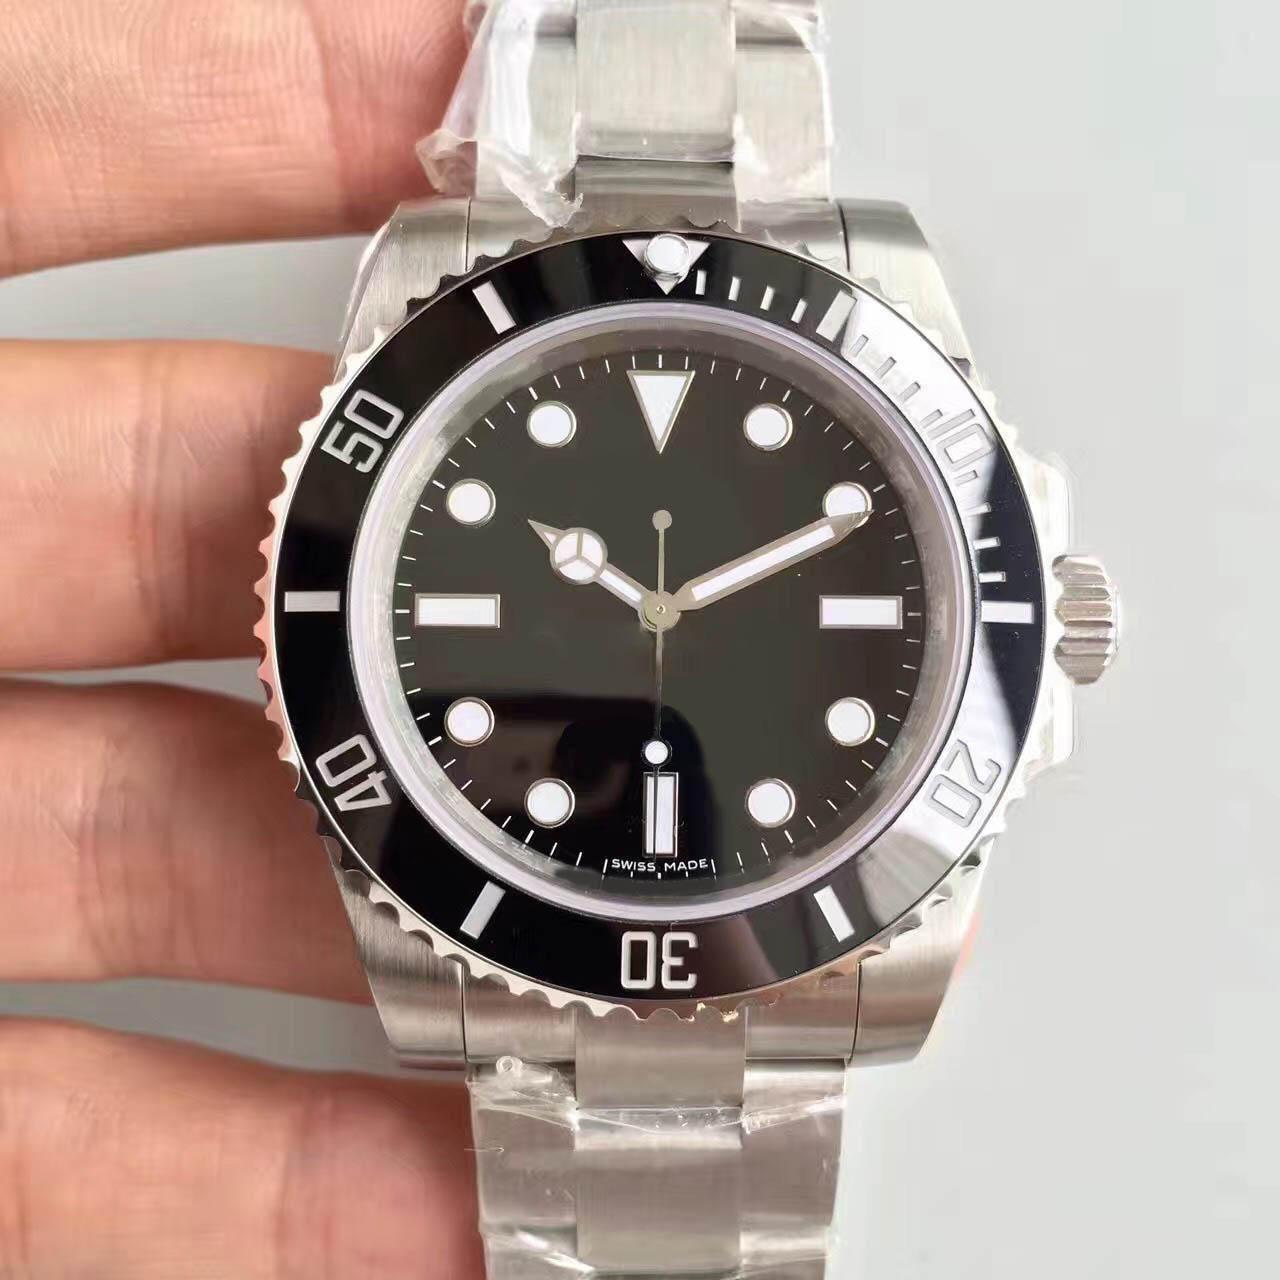 고급 남성은 NO 날짜 114060 시리즈 40MM 세라믹 링 클래식 블랙 SUB 시계 오토매틱 무브먼트 남자는 사파이어 유리를보고 시계